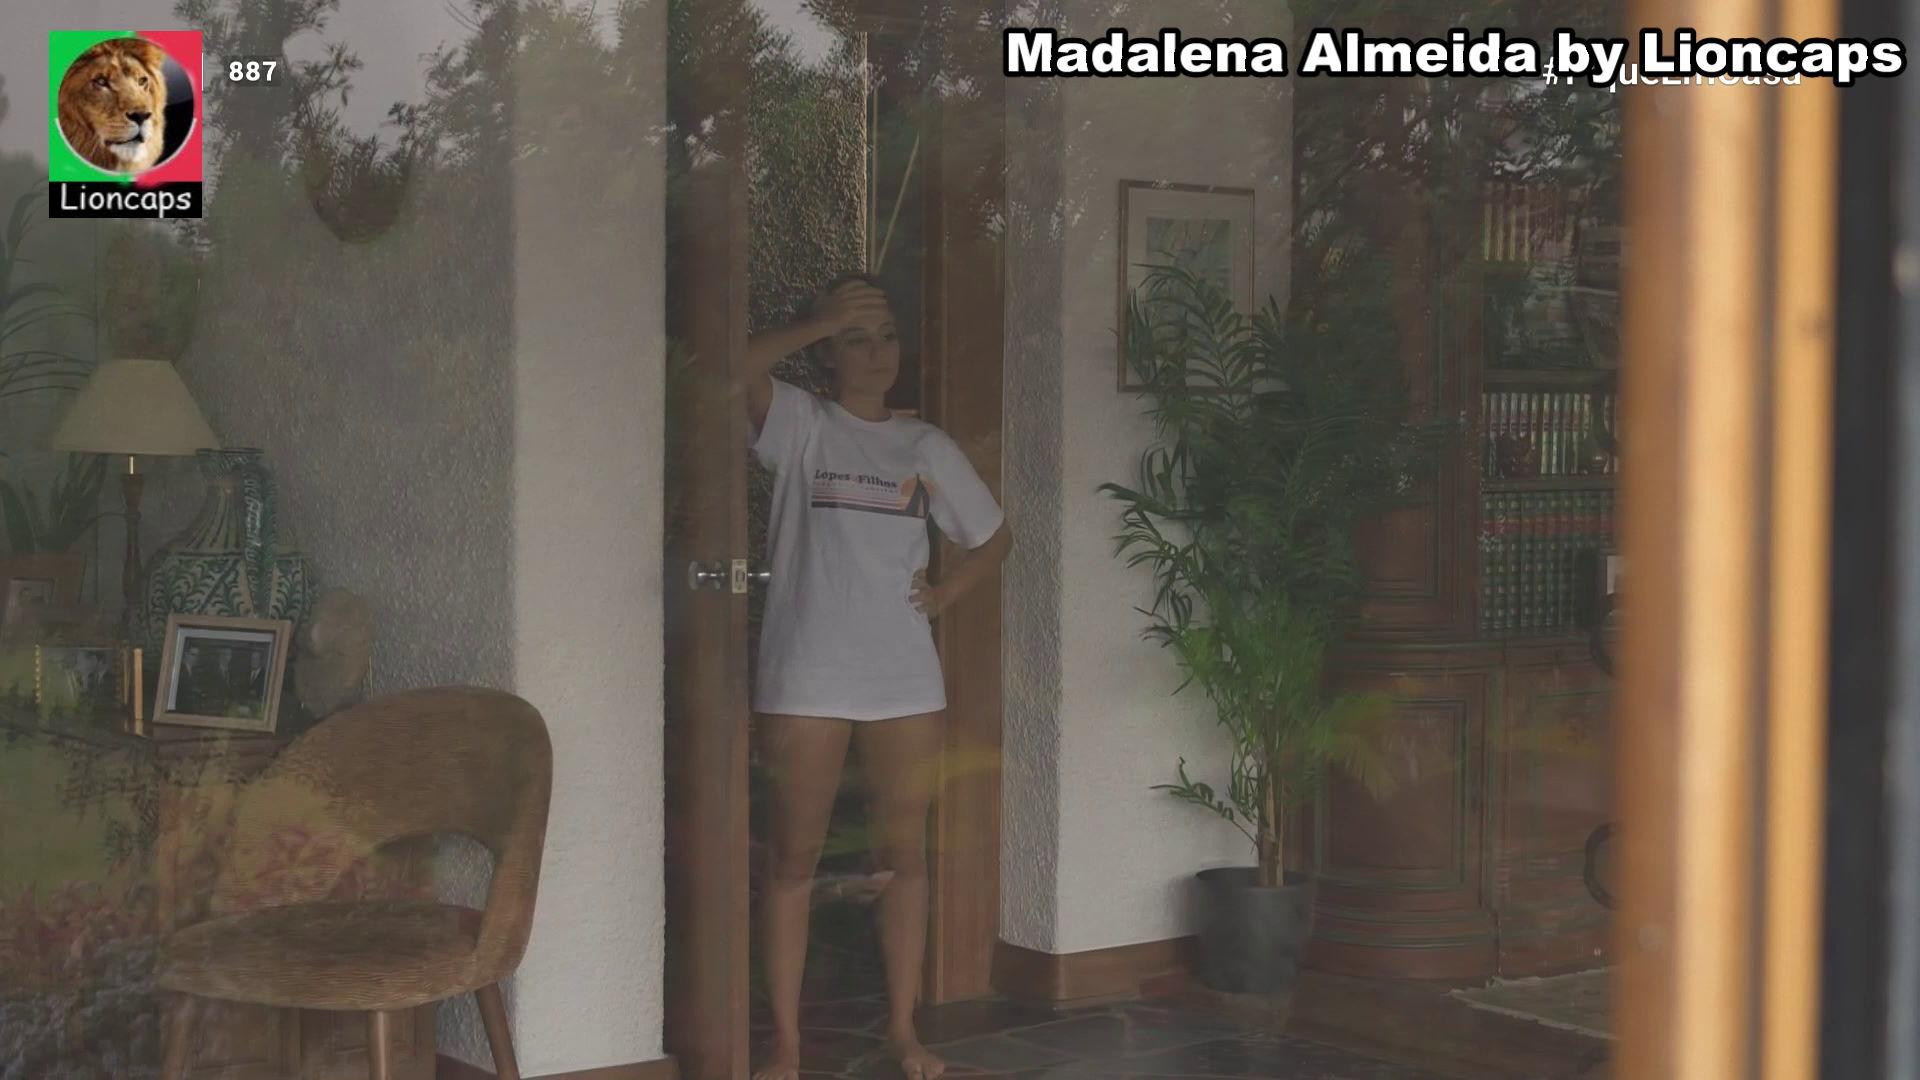 044981338_madalena_almeida_vs200324_0096_122_554lo.JPG